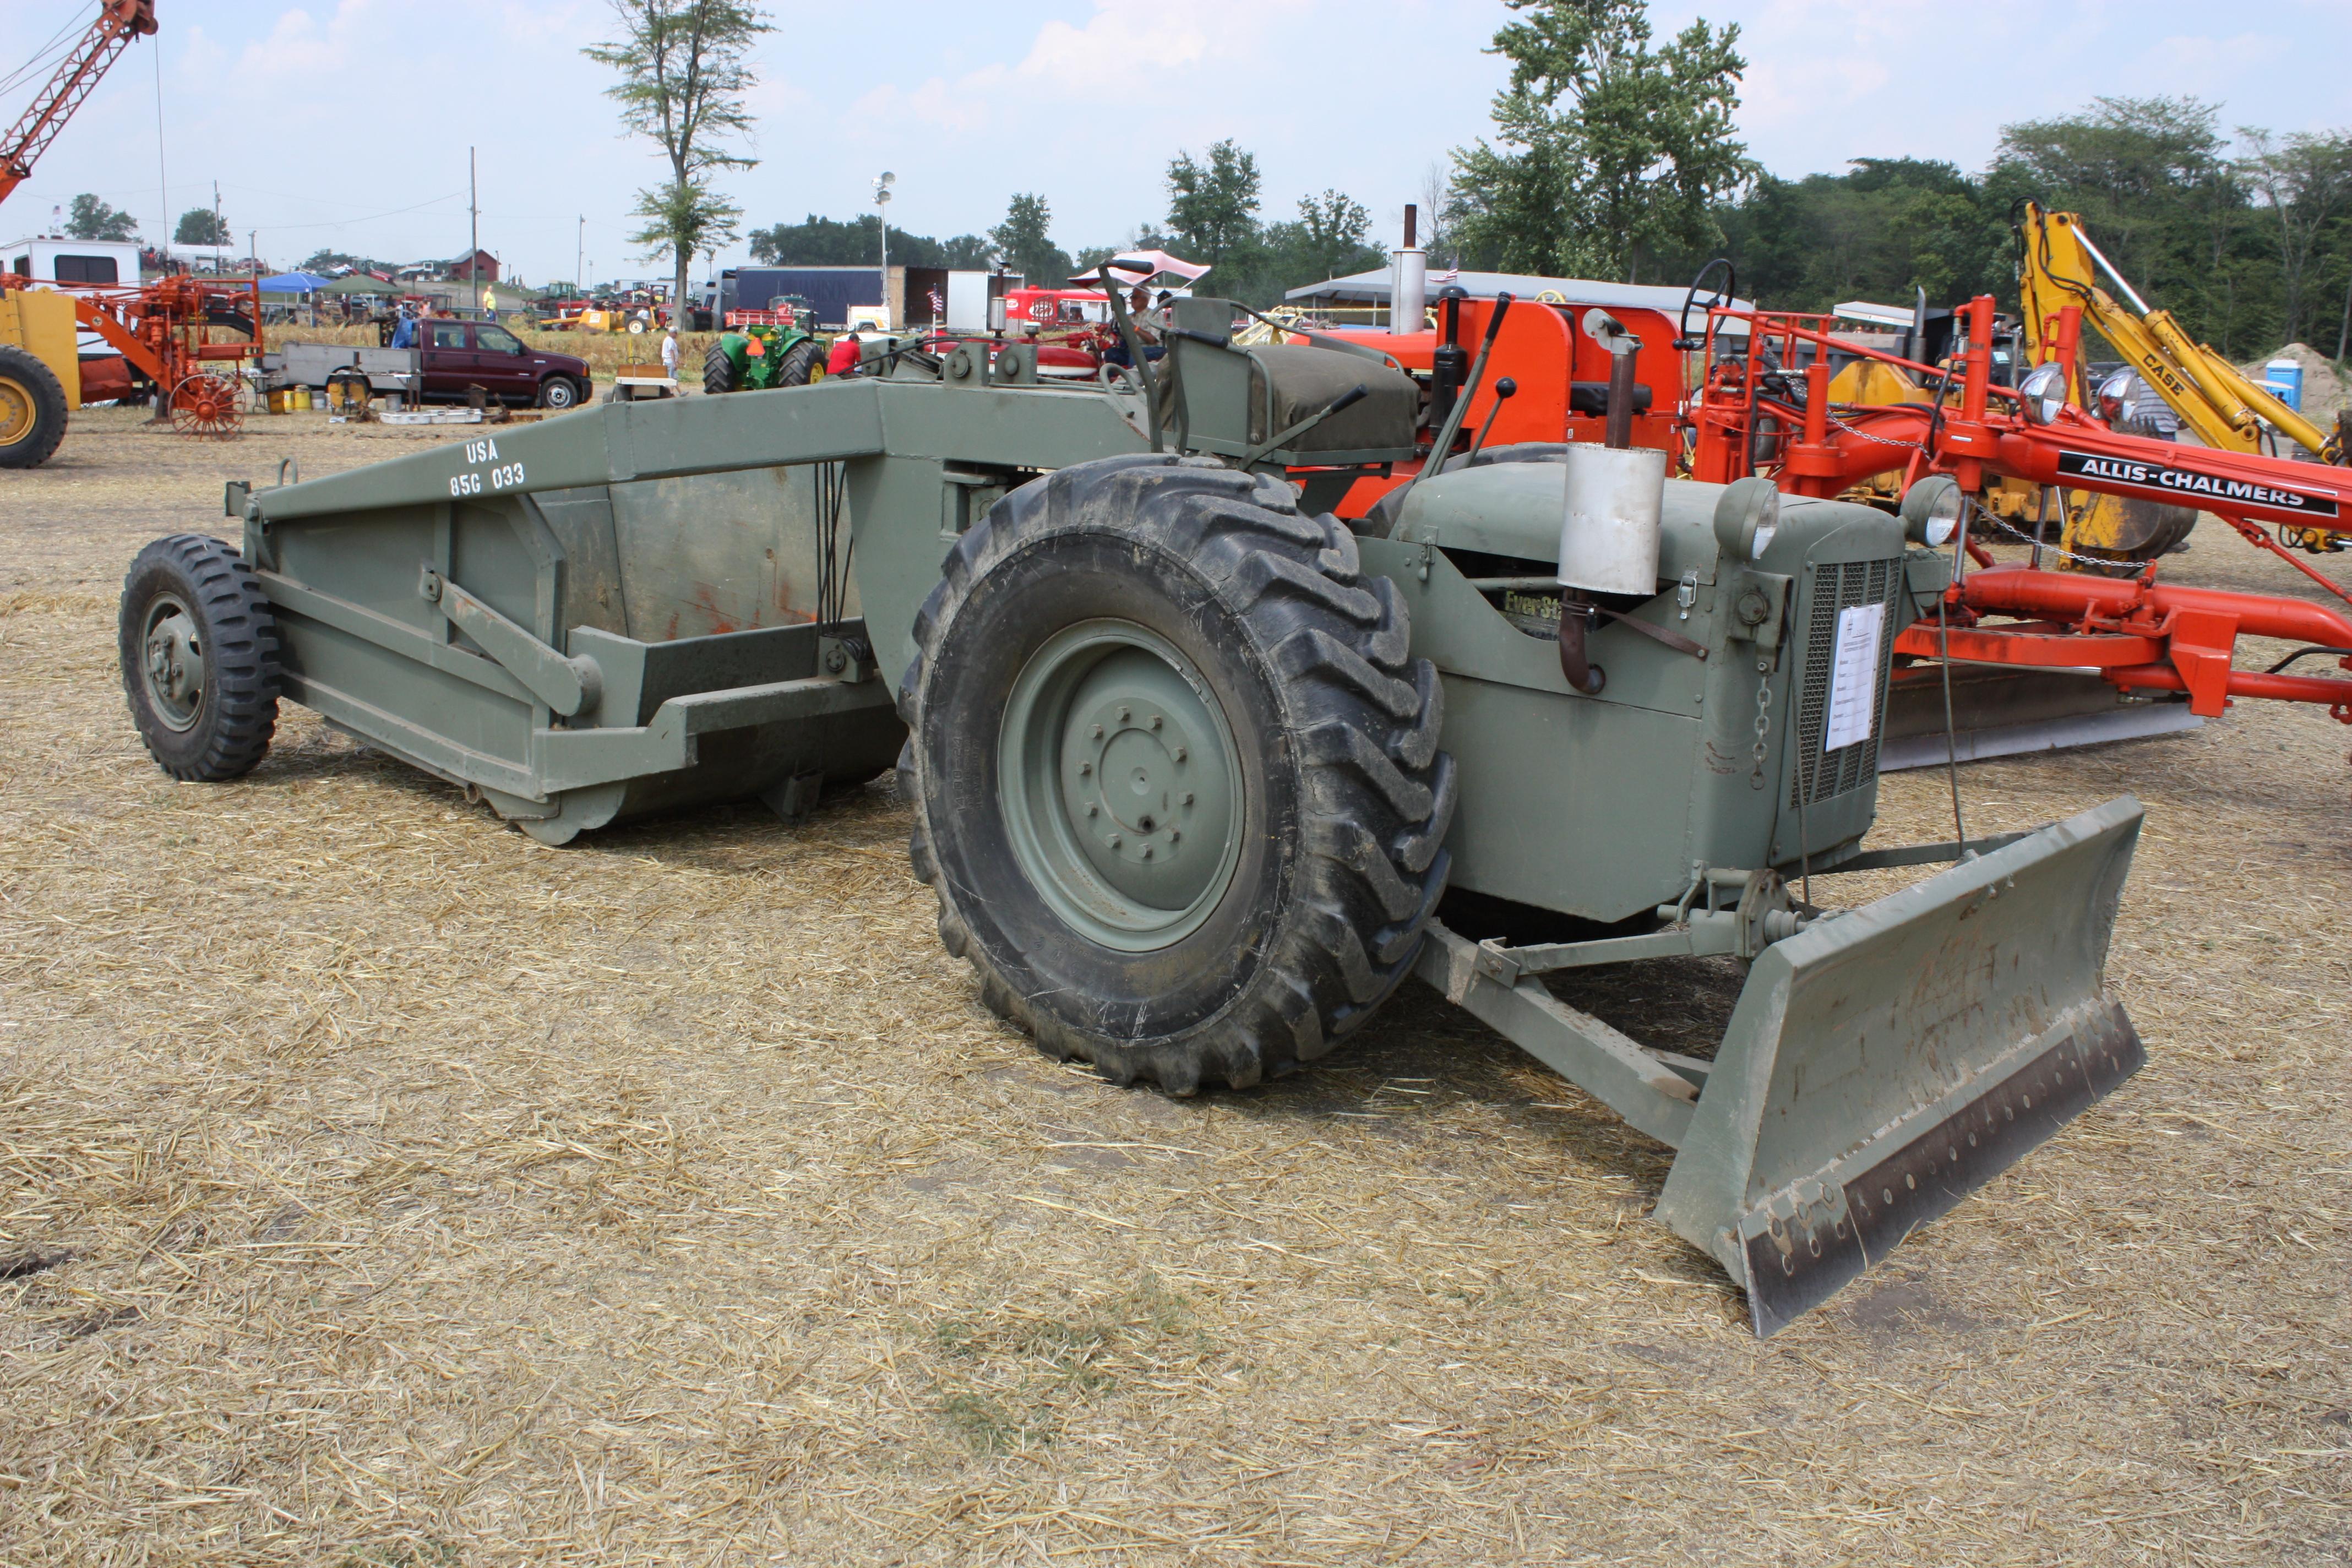 bulldozer caricatore cingolato combinazione Letourneau-model-d4-airborne-dozer-scraper-1944-hcea-show-penfield-il